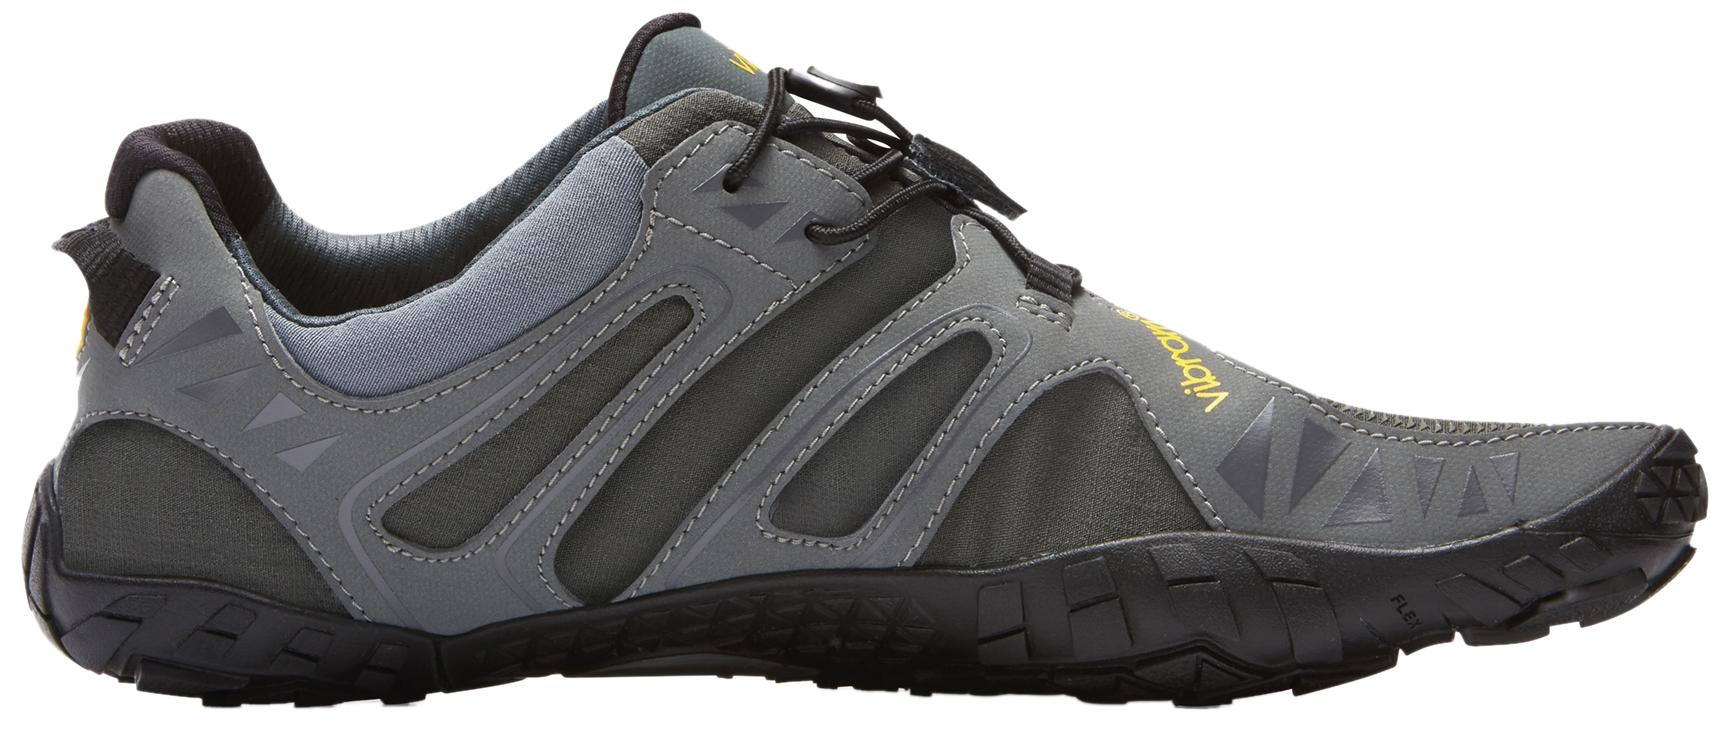 Akyra De Chaussures Po Trail Sportiva La iTOZPkXu